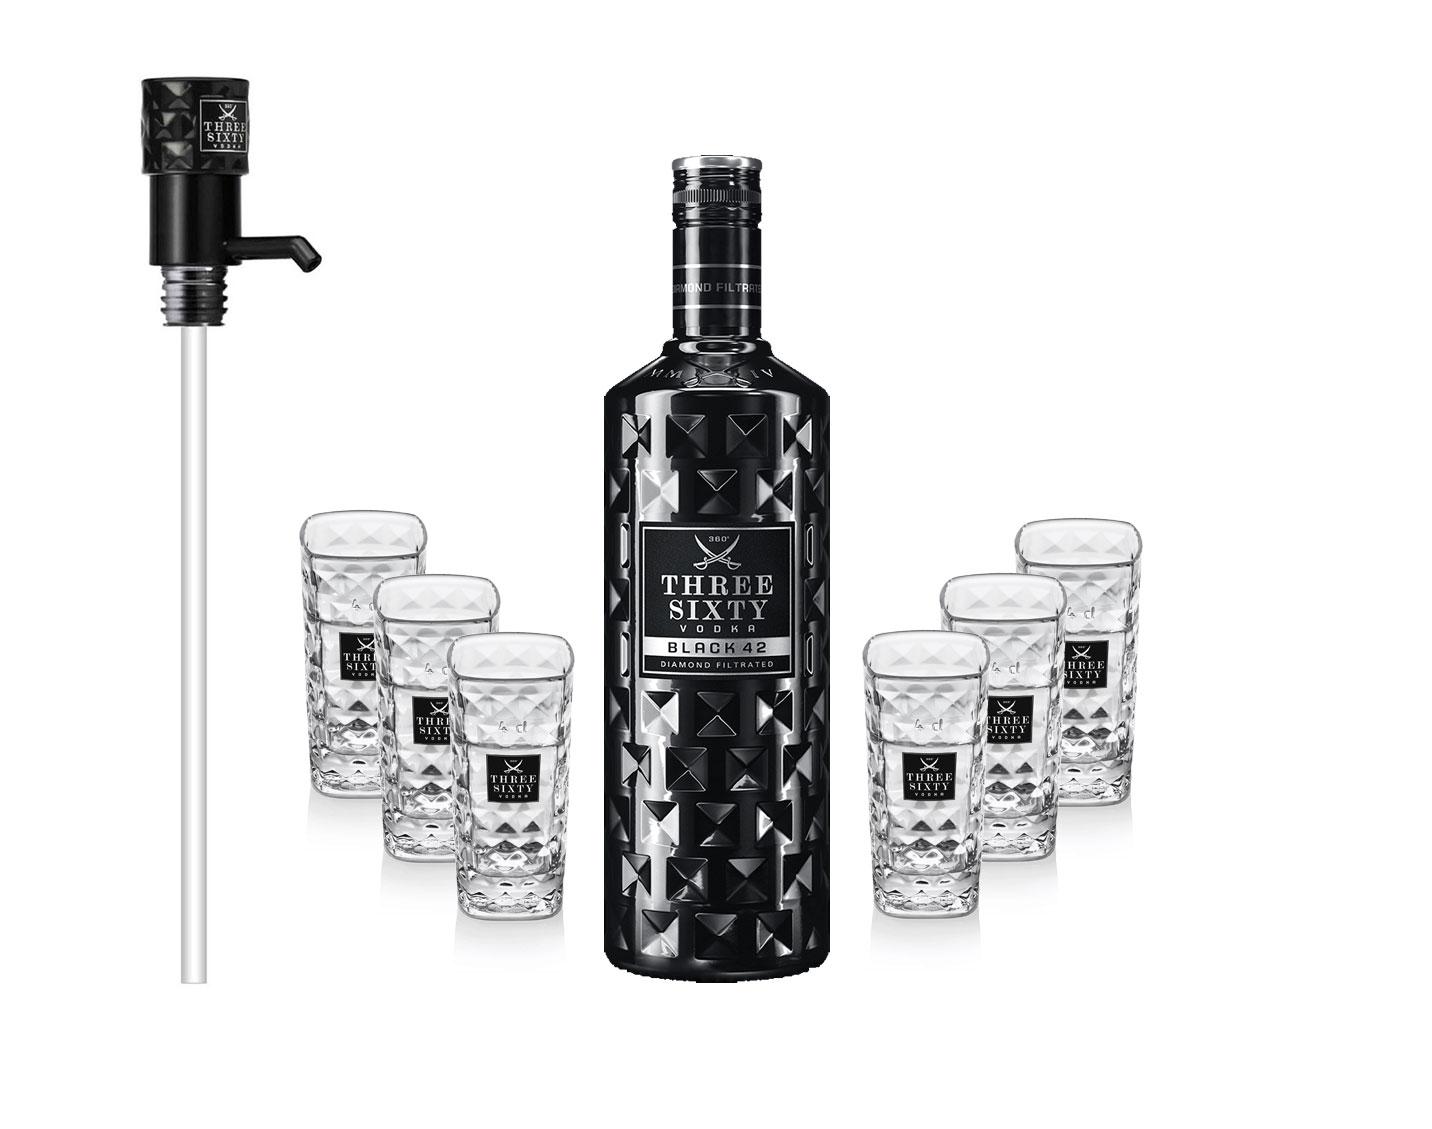 Three Sixty Set Geschenkset - Three Sixty Black Vodka Wodka 3L 3000ml (42% Vol) + 6x Shotgläser Glas 2 und 4cl geeicht + Pumpe - [Enthält Sulfite]